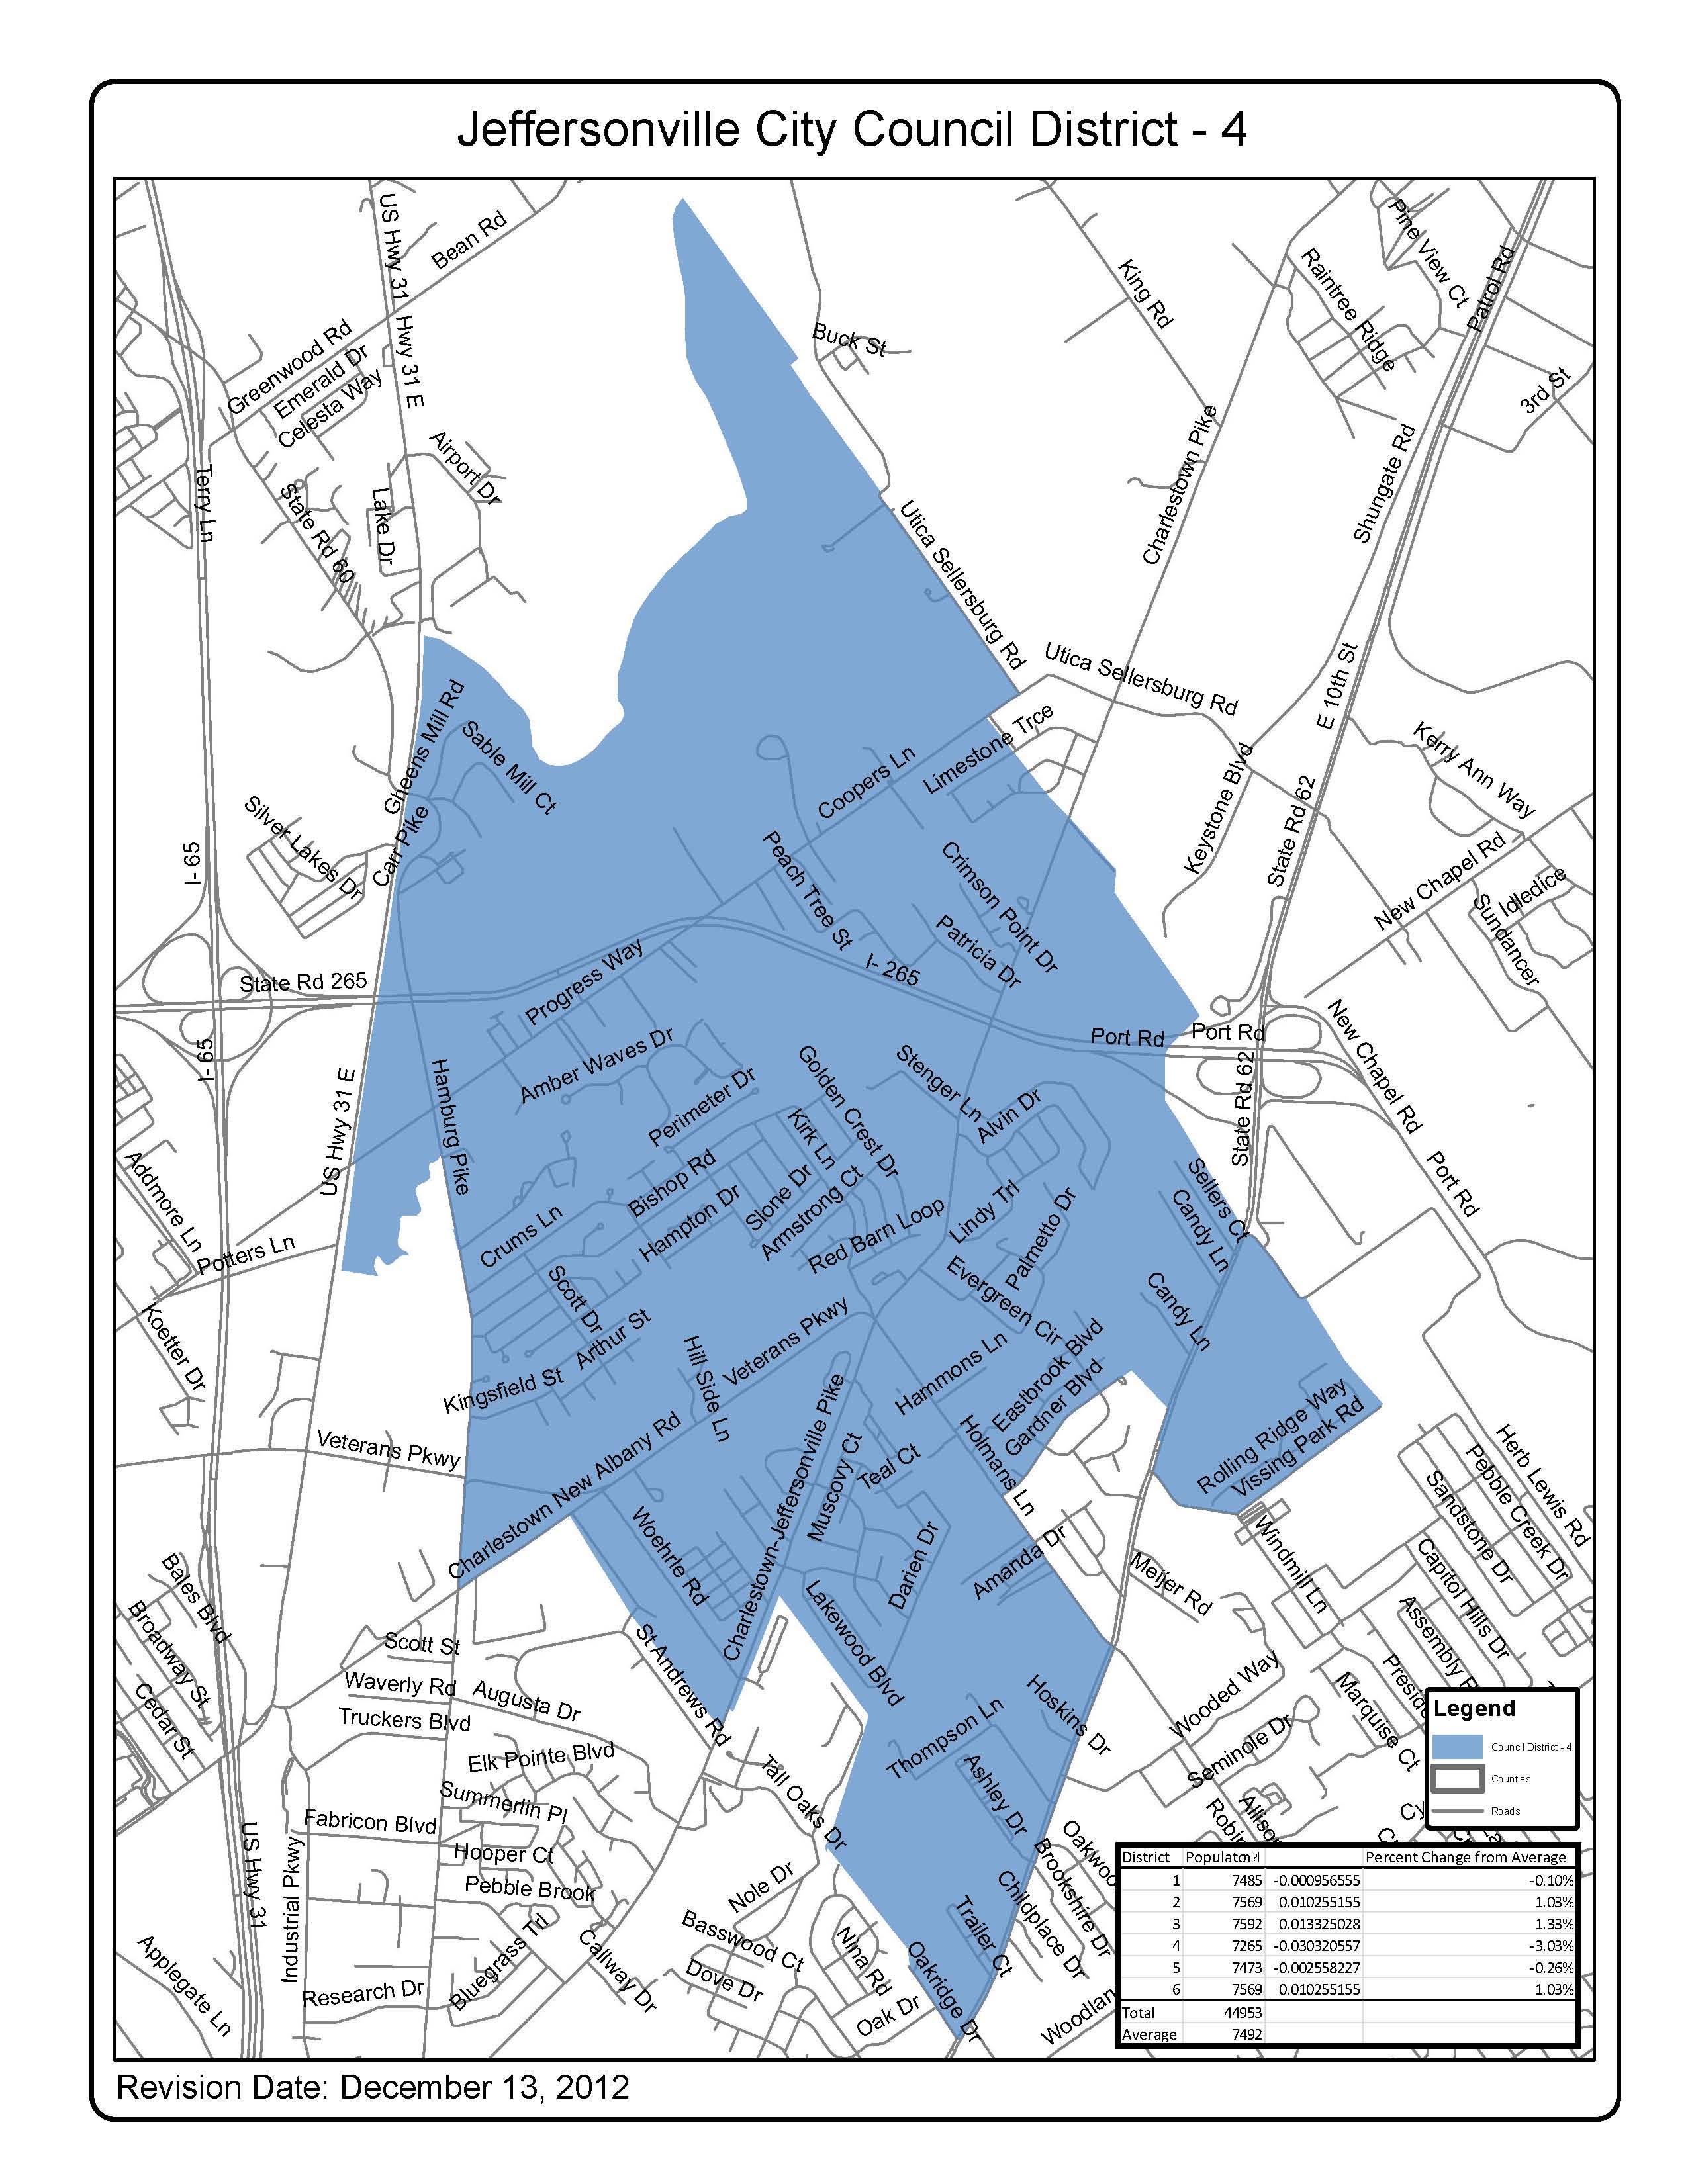 Jeffersonville_City_Council_District_-_4